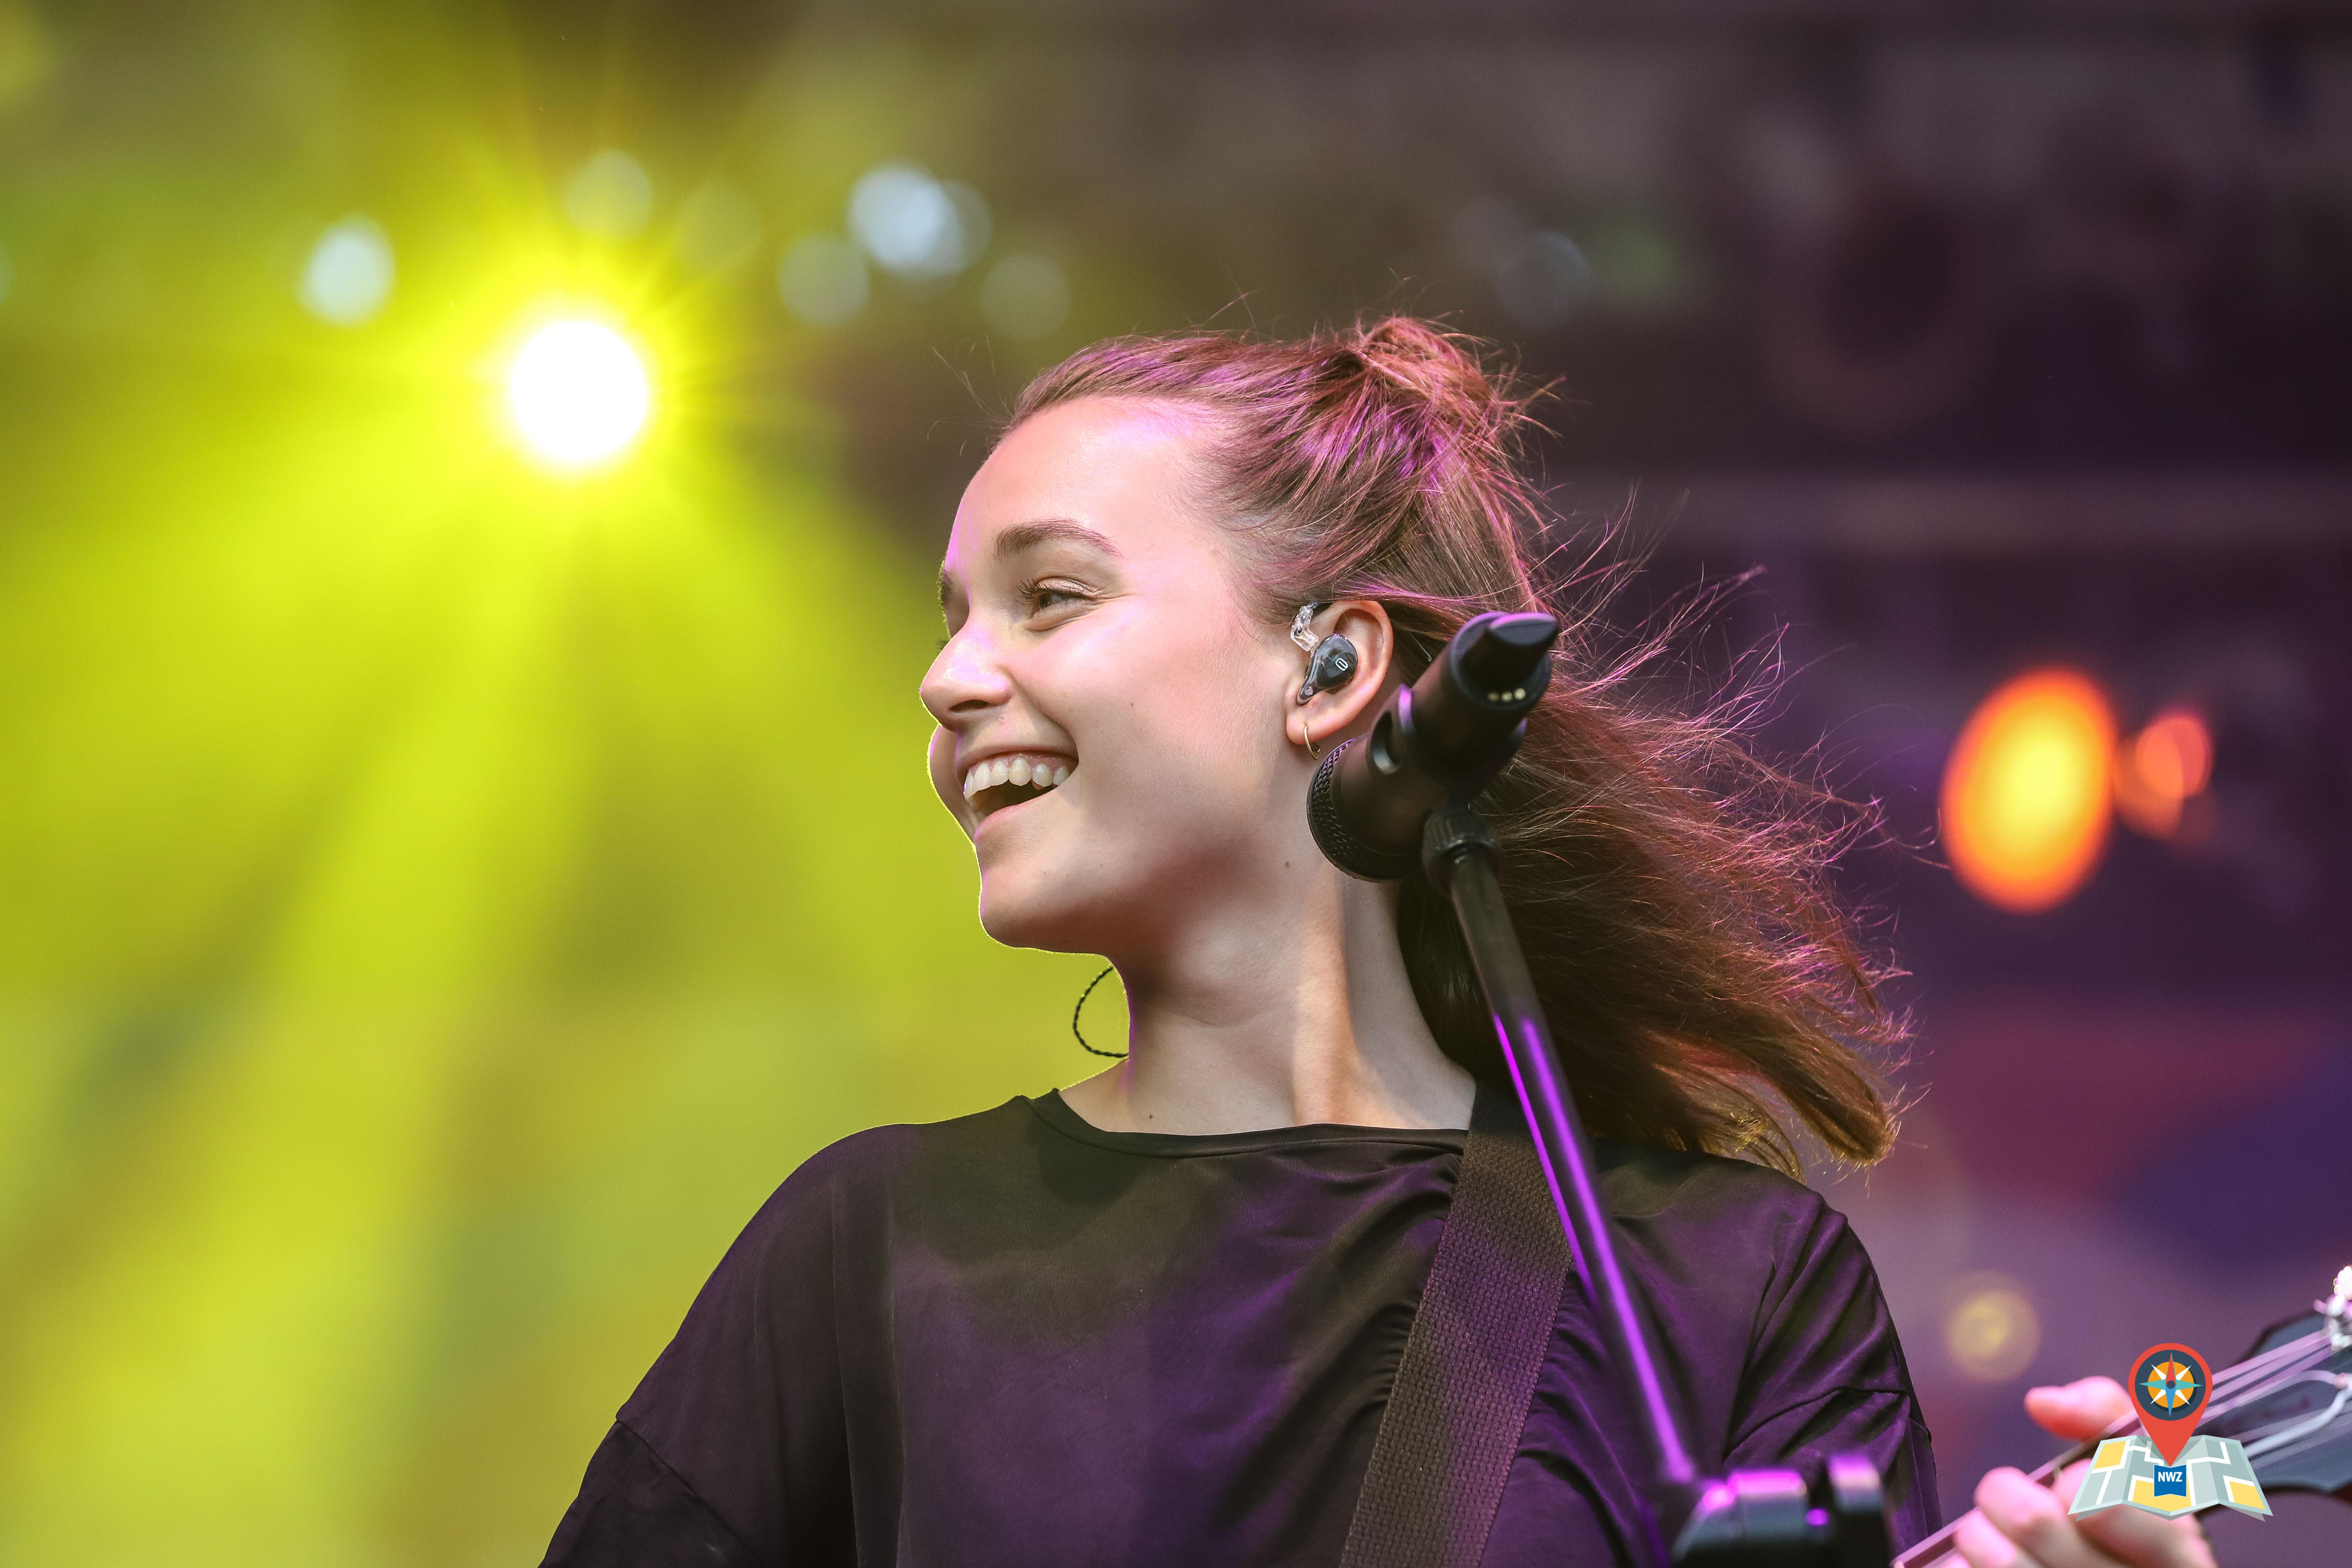 Sängerin Lotte auf dem Kultursommer in Oldenburg. (Bild: Claus Hock)